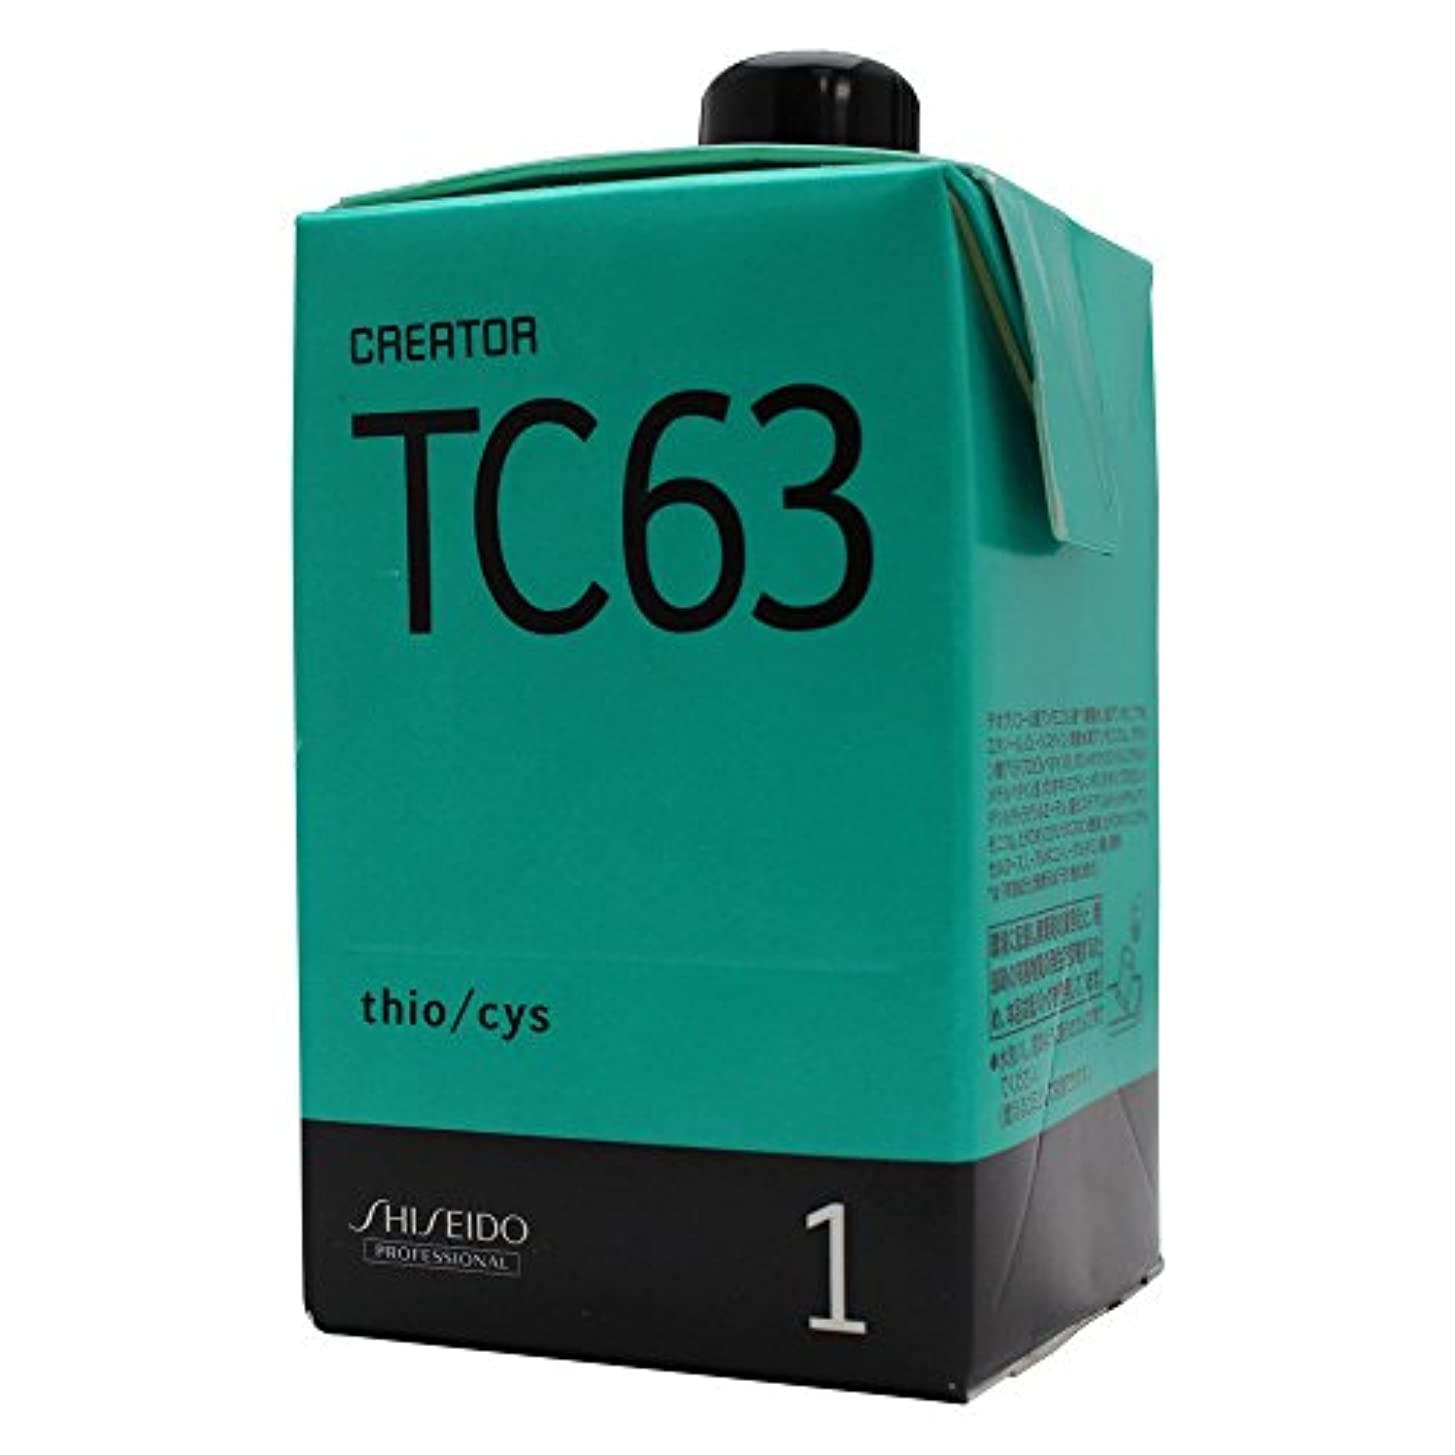 たっぷりギャザー証人資生堂 クリエイター TC63 第1剤 400ml